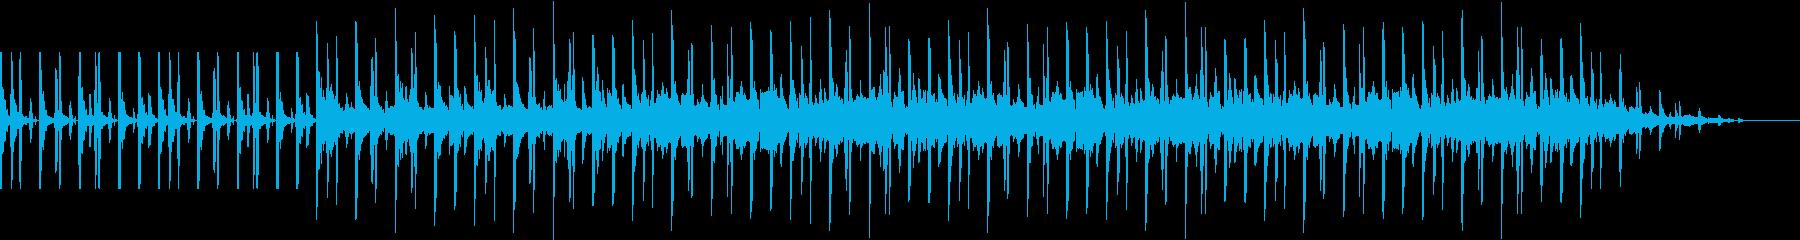 シンキングBGMの再生済みの波形